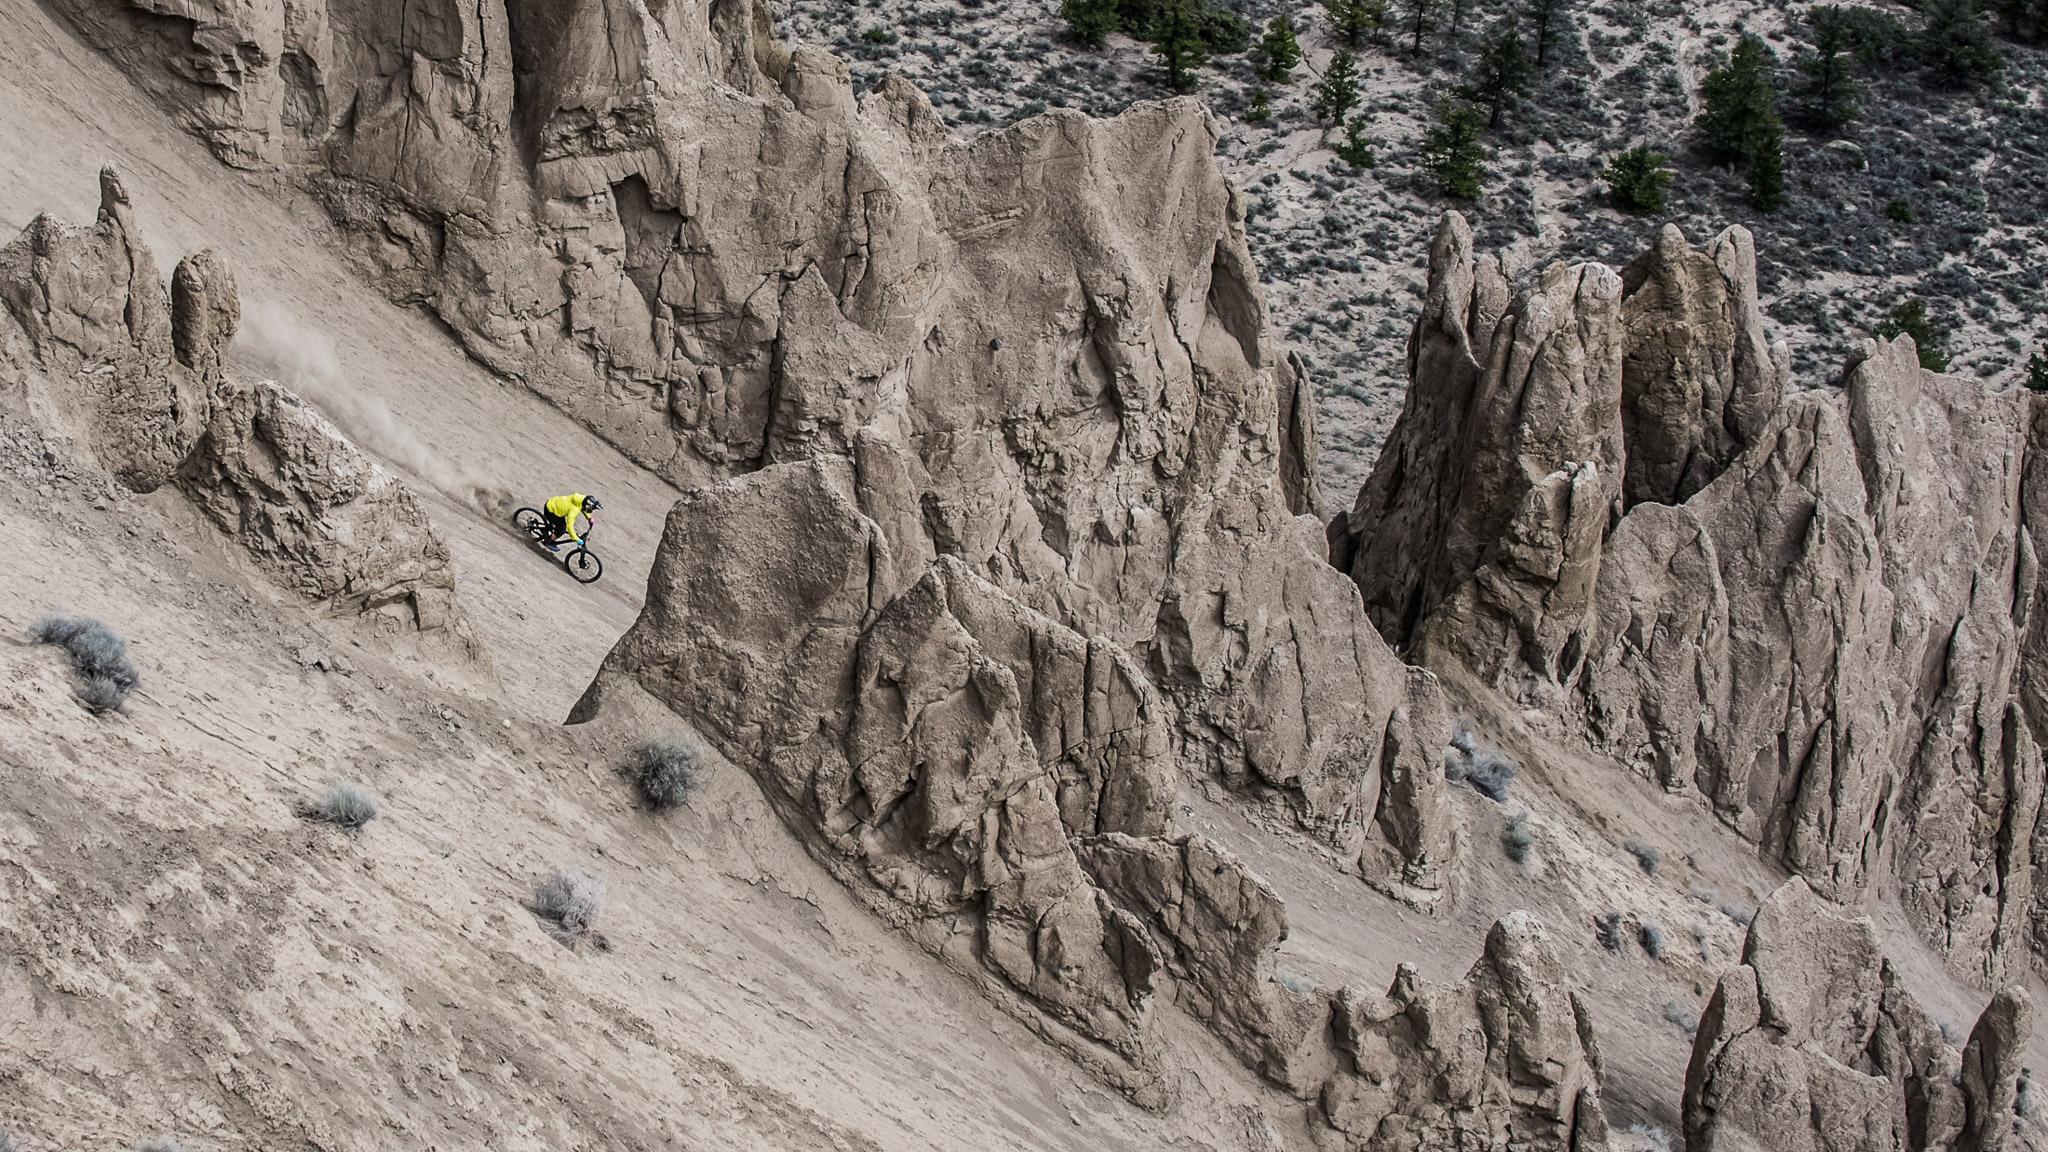 Unknown Rider, Canada